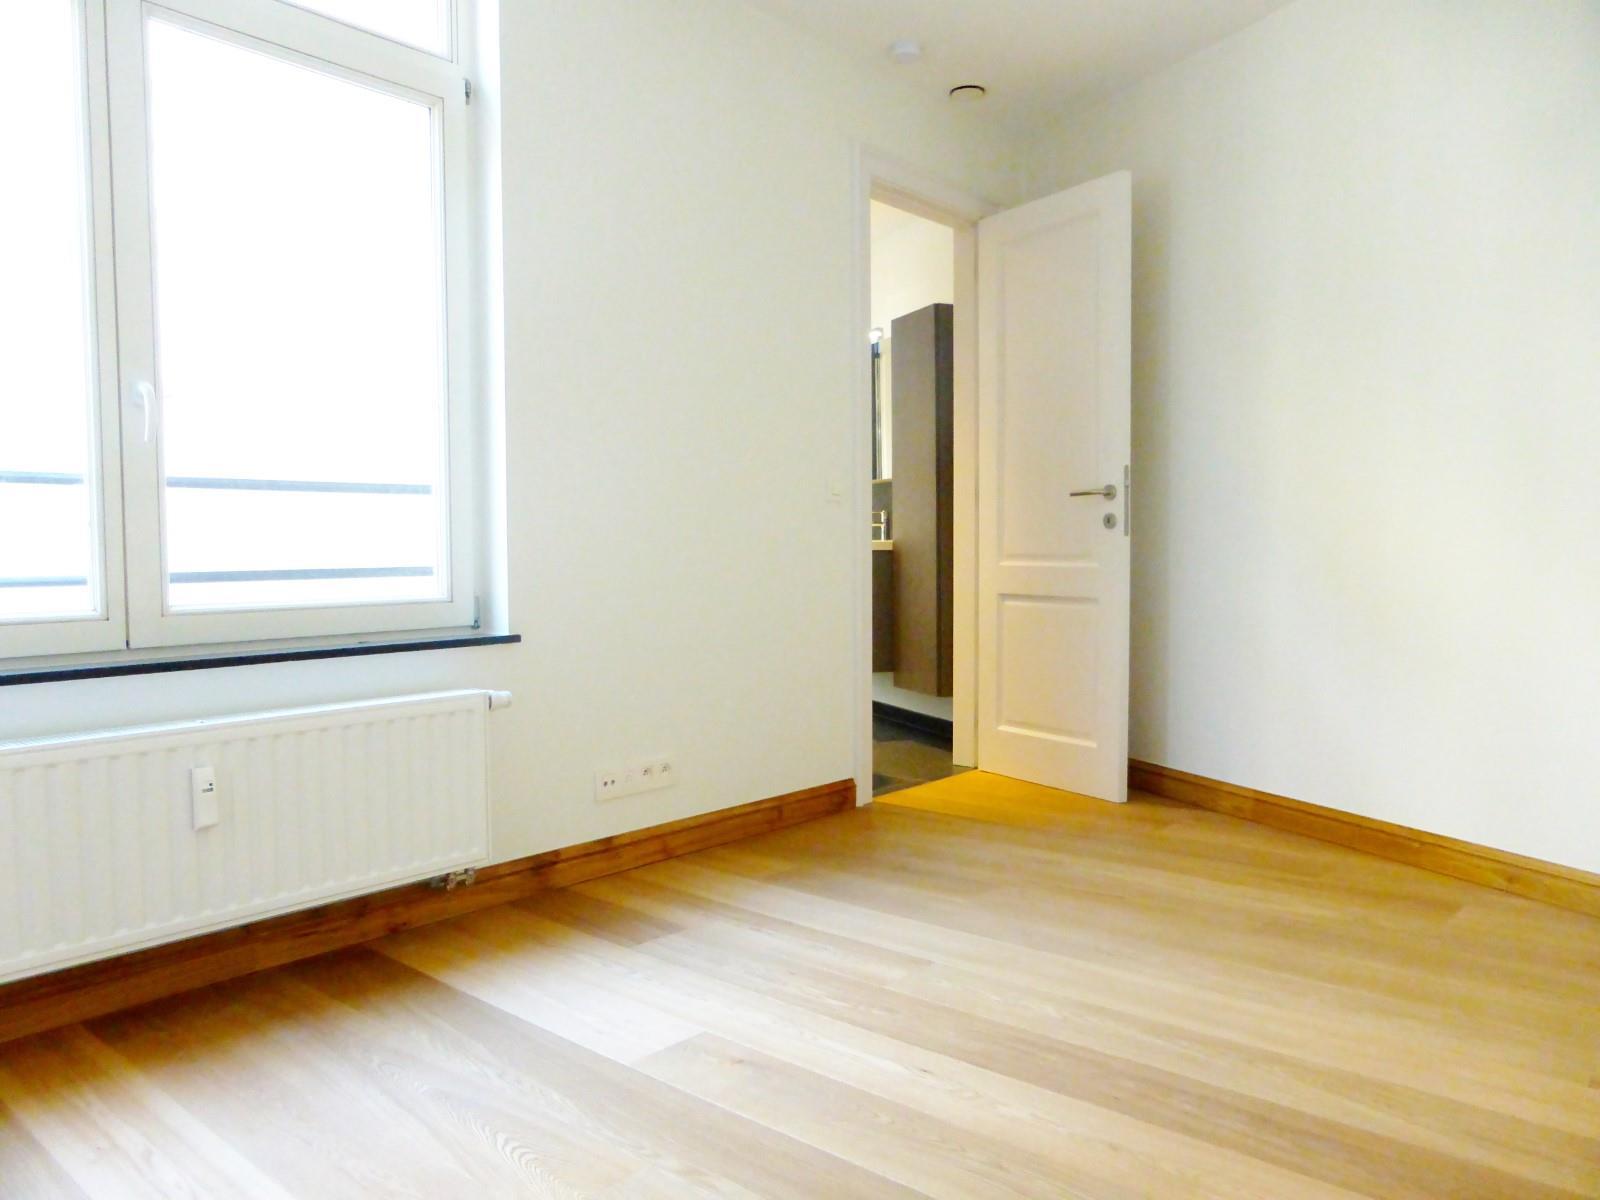 Appartement exceptionnel - Bruxelles - #3965237-34